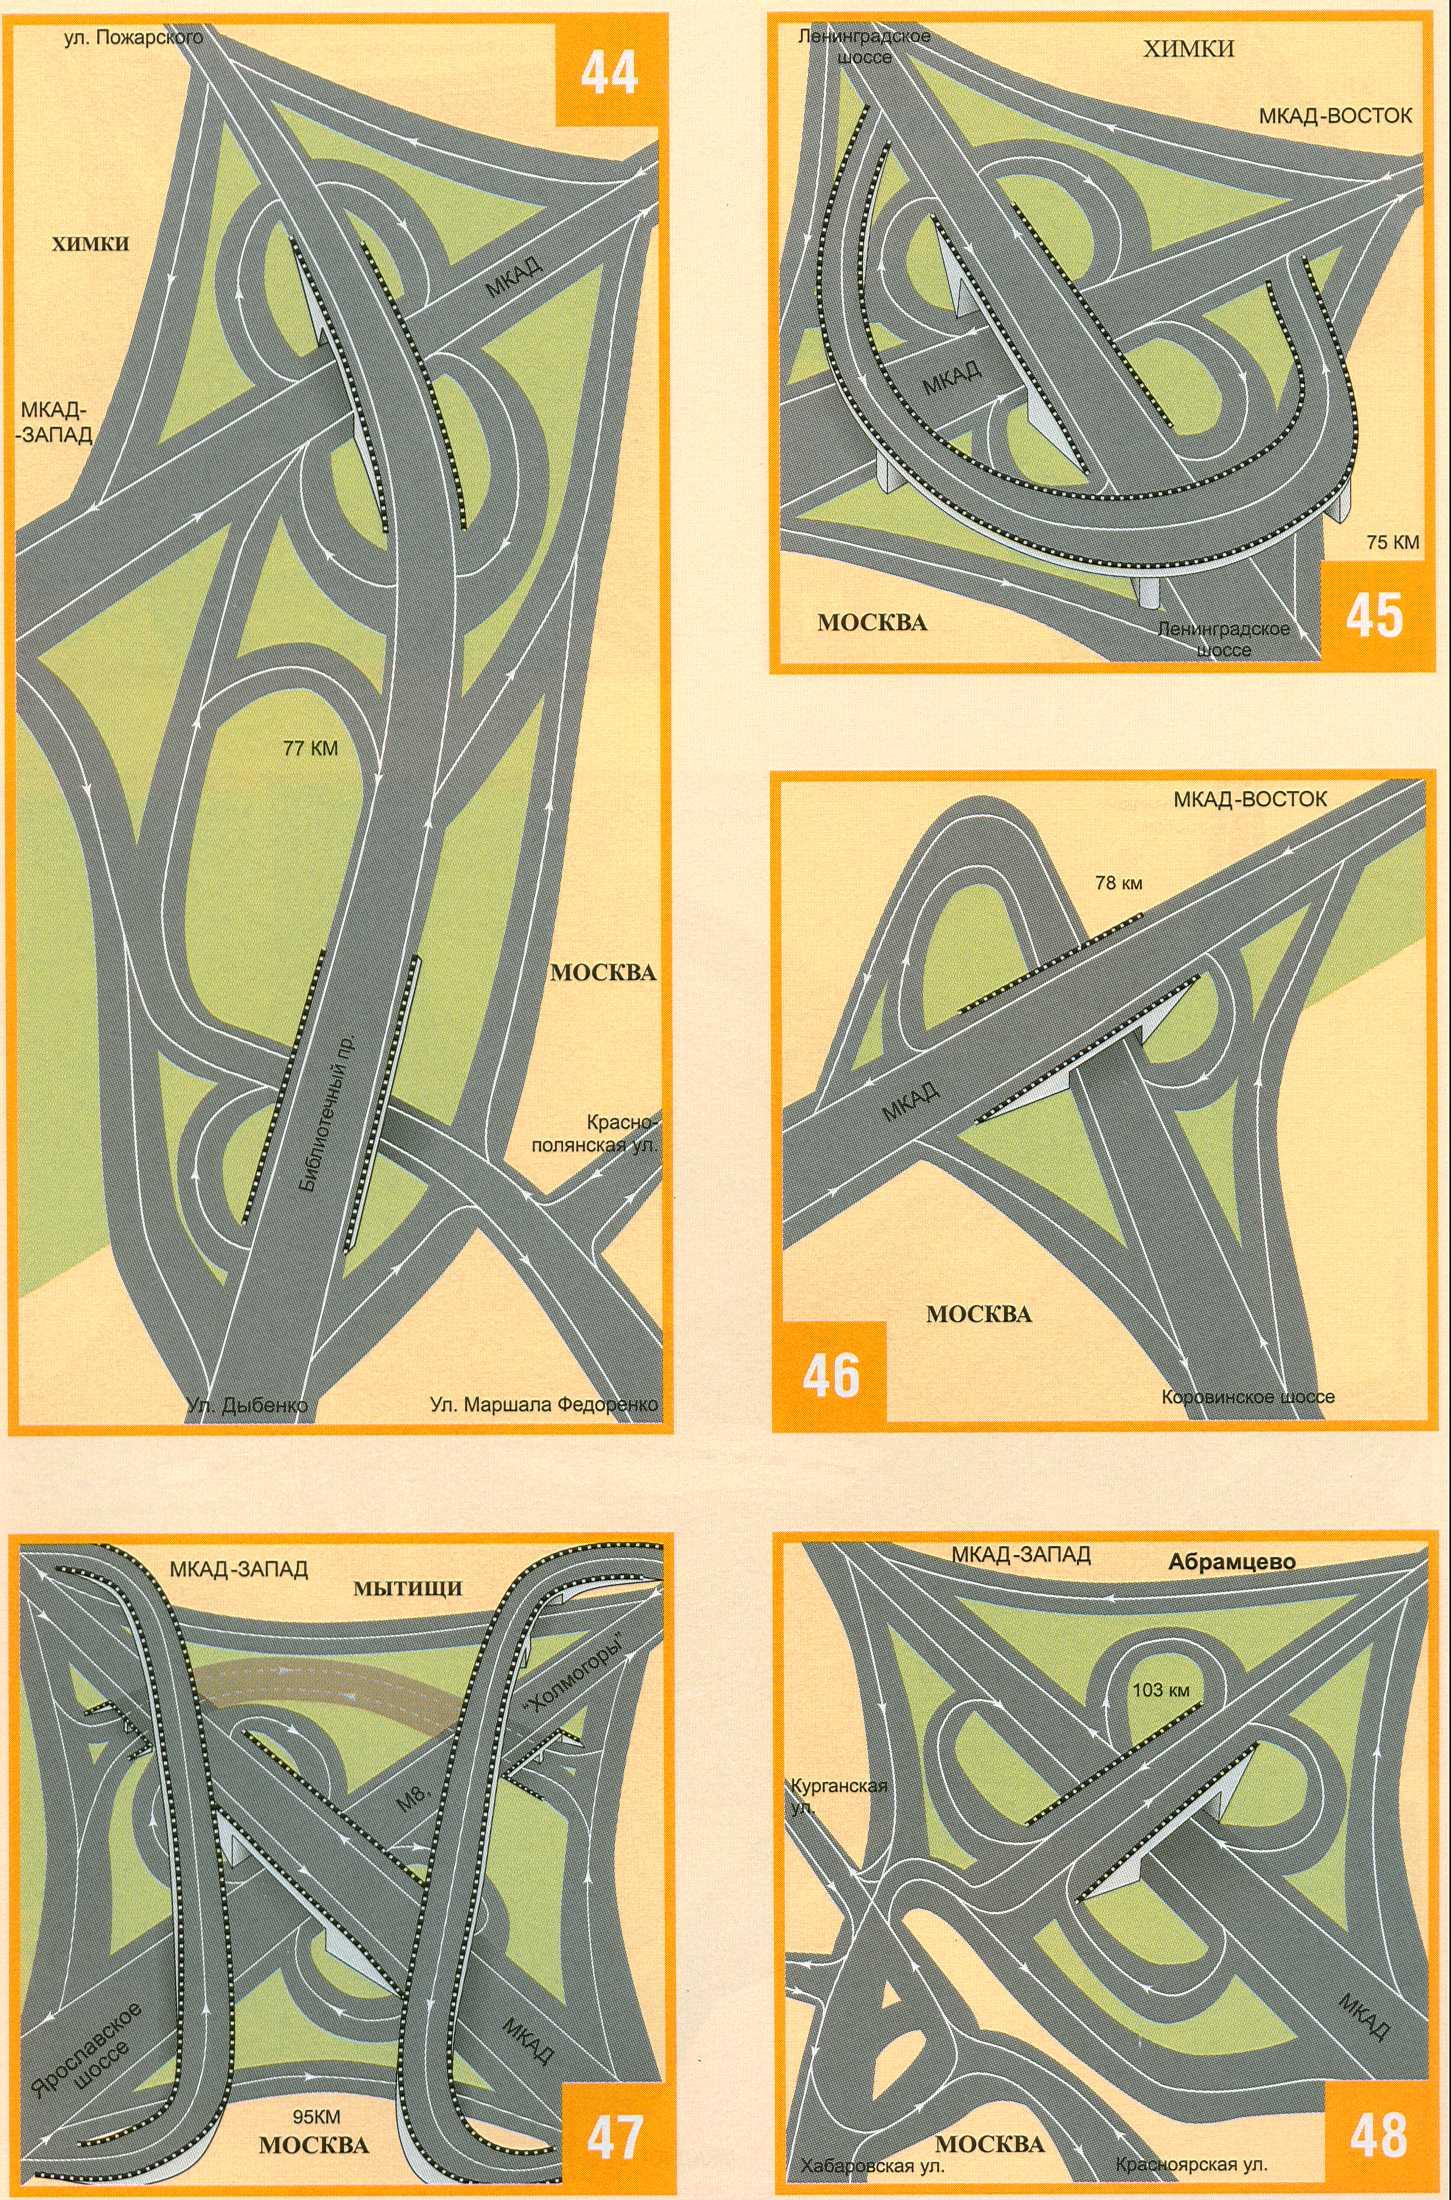 Схема проезда по новой дорожной развязке возле станции.